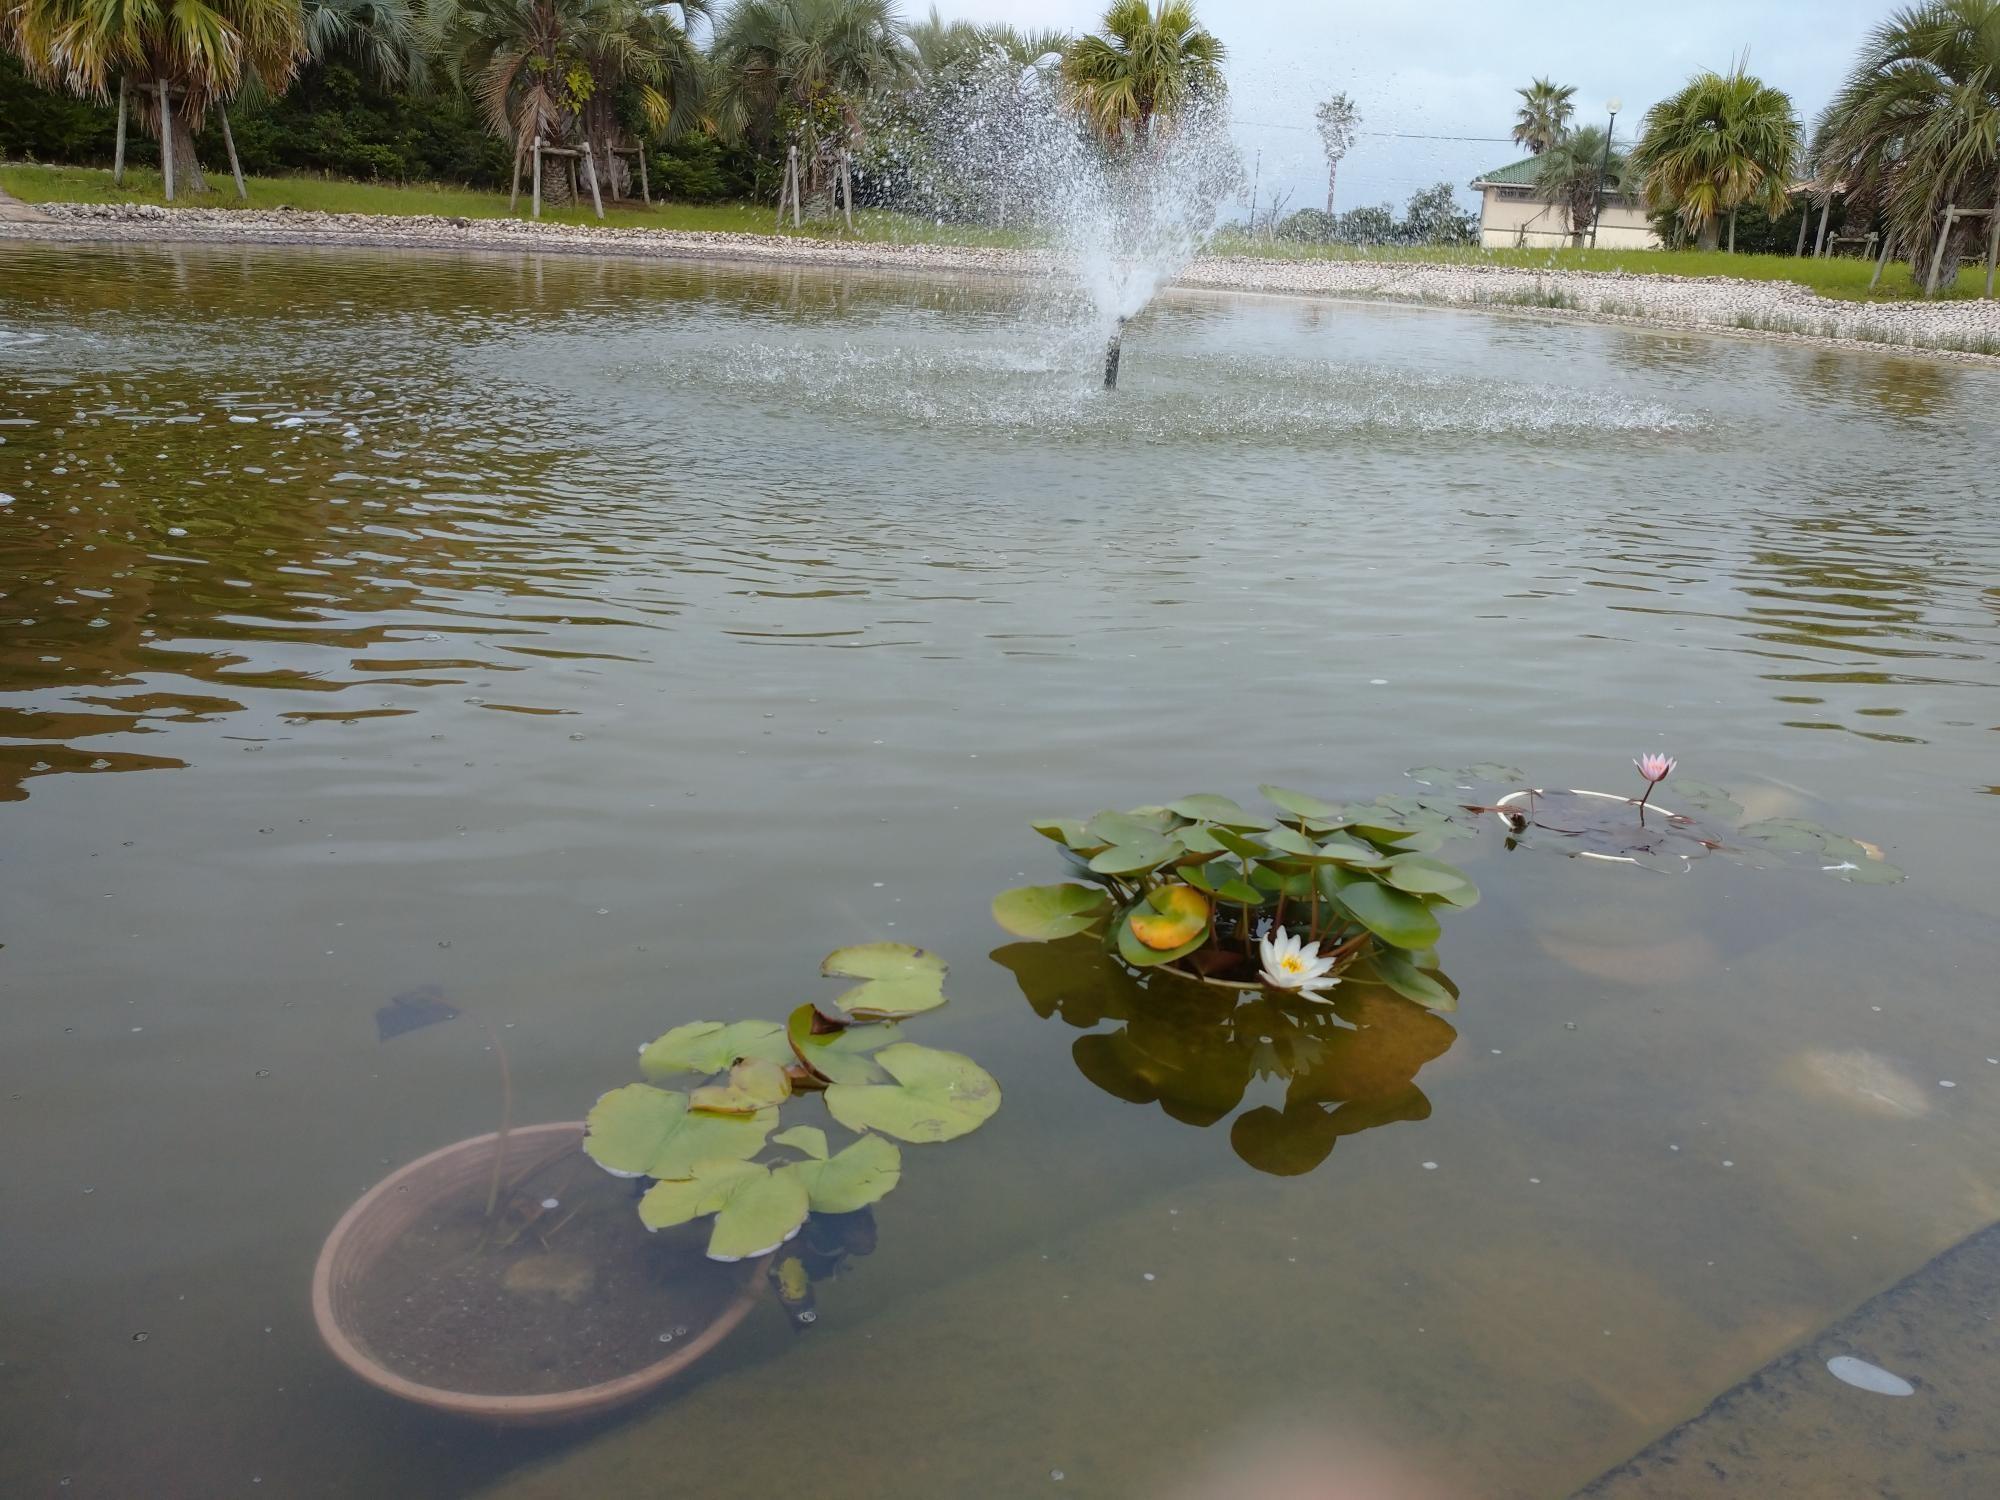 大原幽学記念館の池の睡蓮を大学の池に移植しました(左側の鉢)